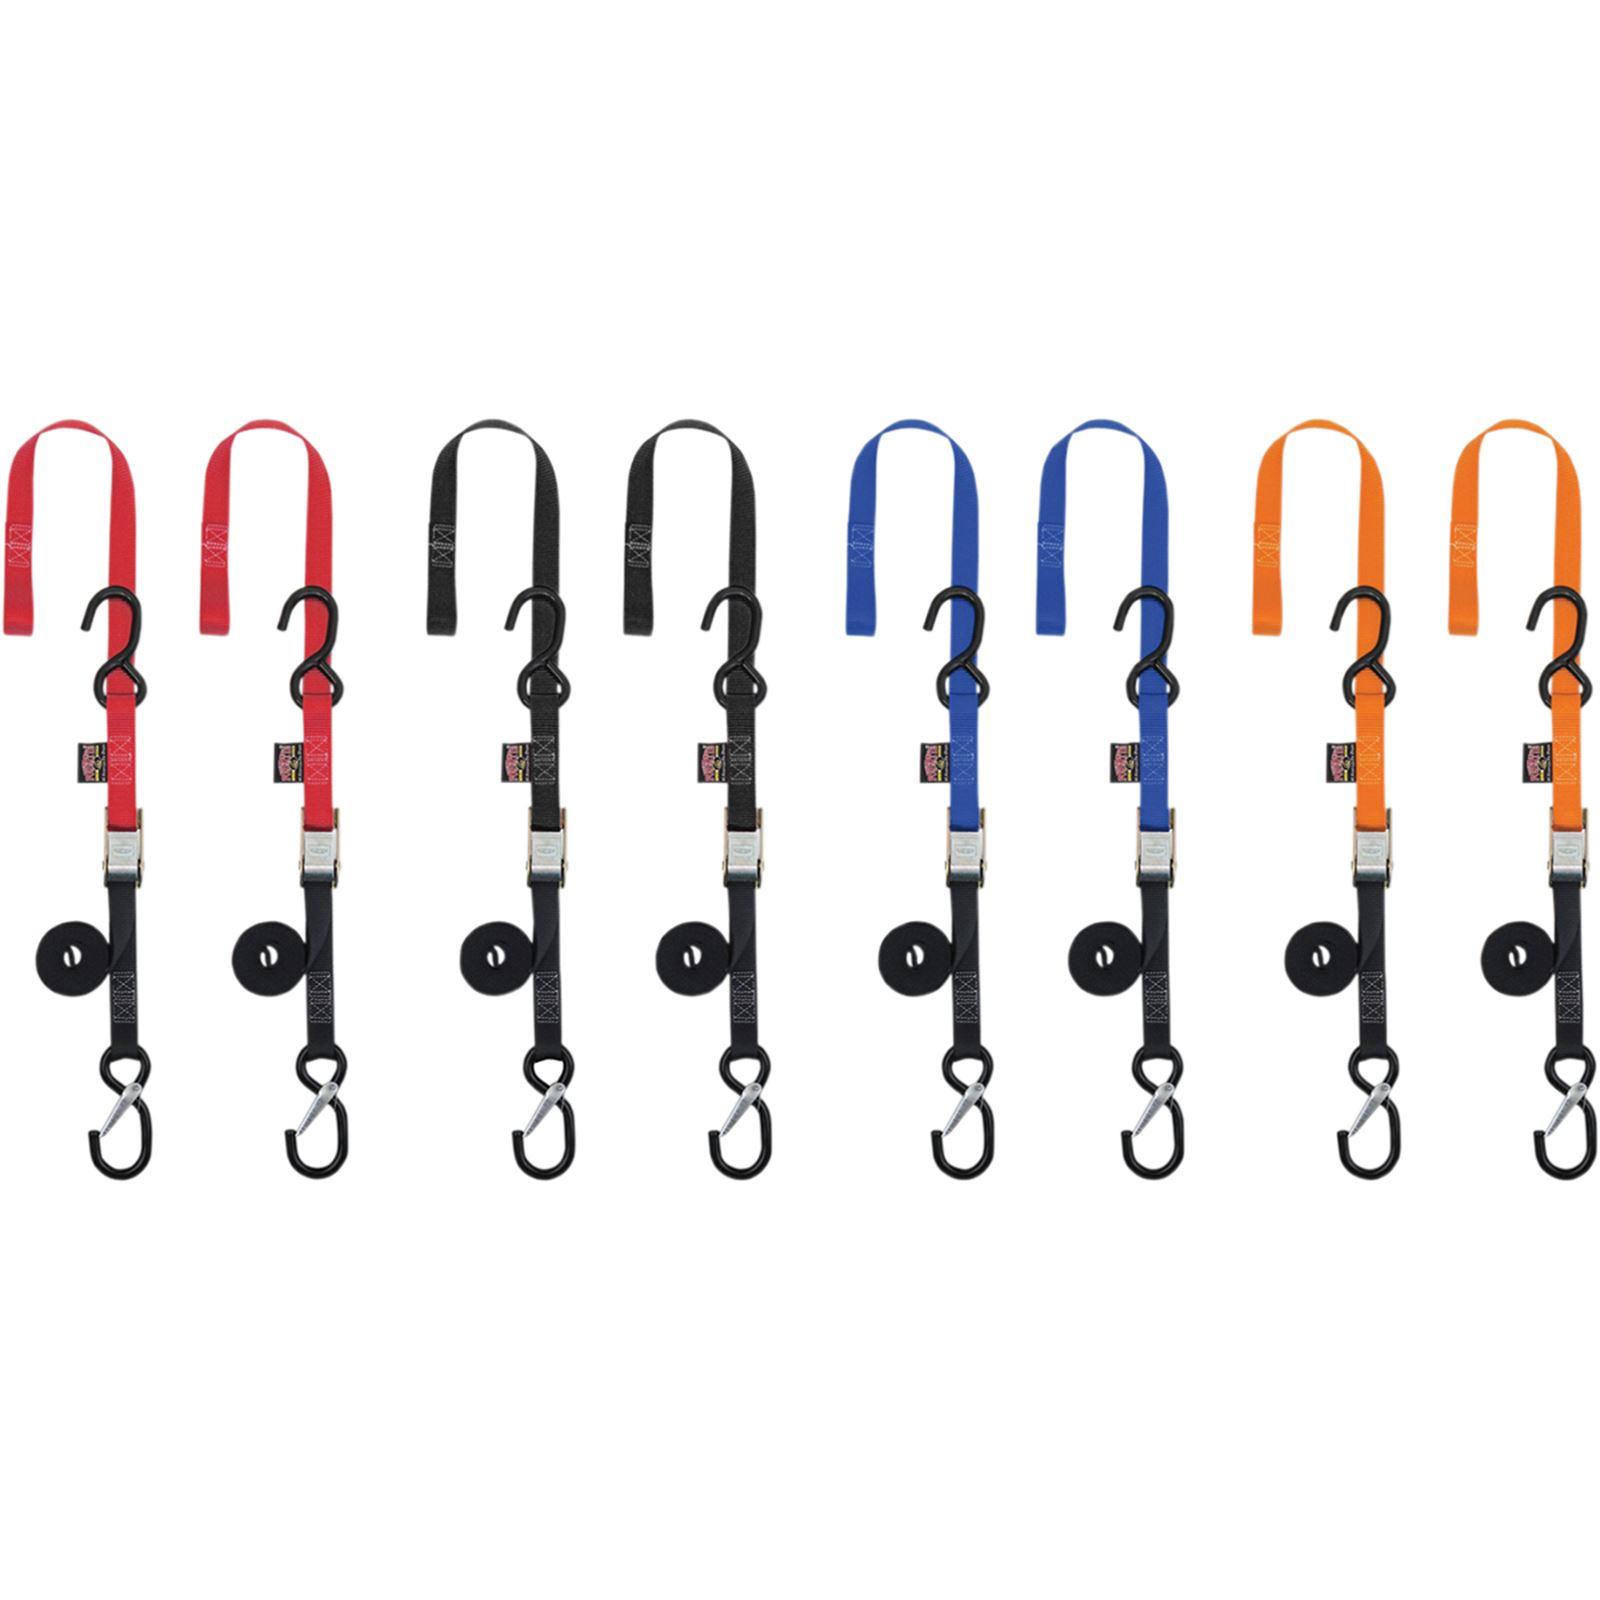 Powertye Tie-Down - Safety Hook - Black